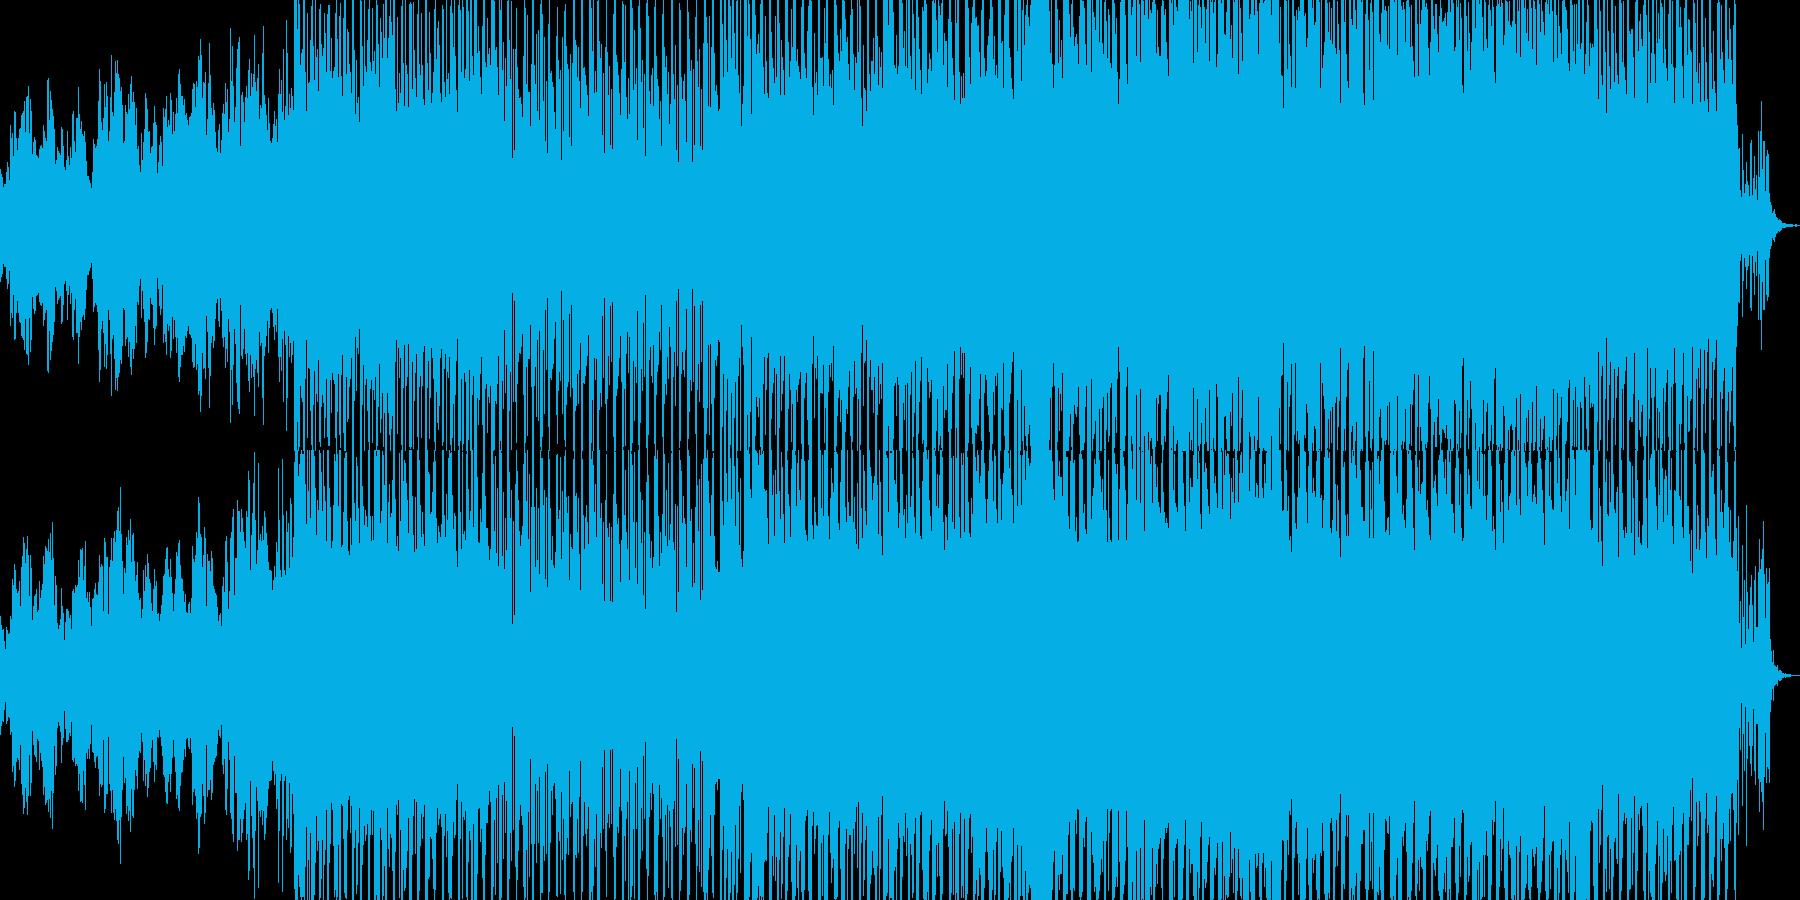 大好きな人のもとへキラキラとしたEDM風の再生済みの波形